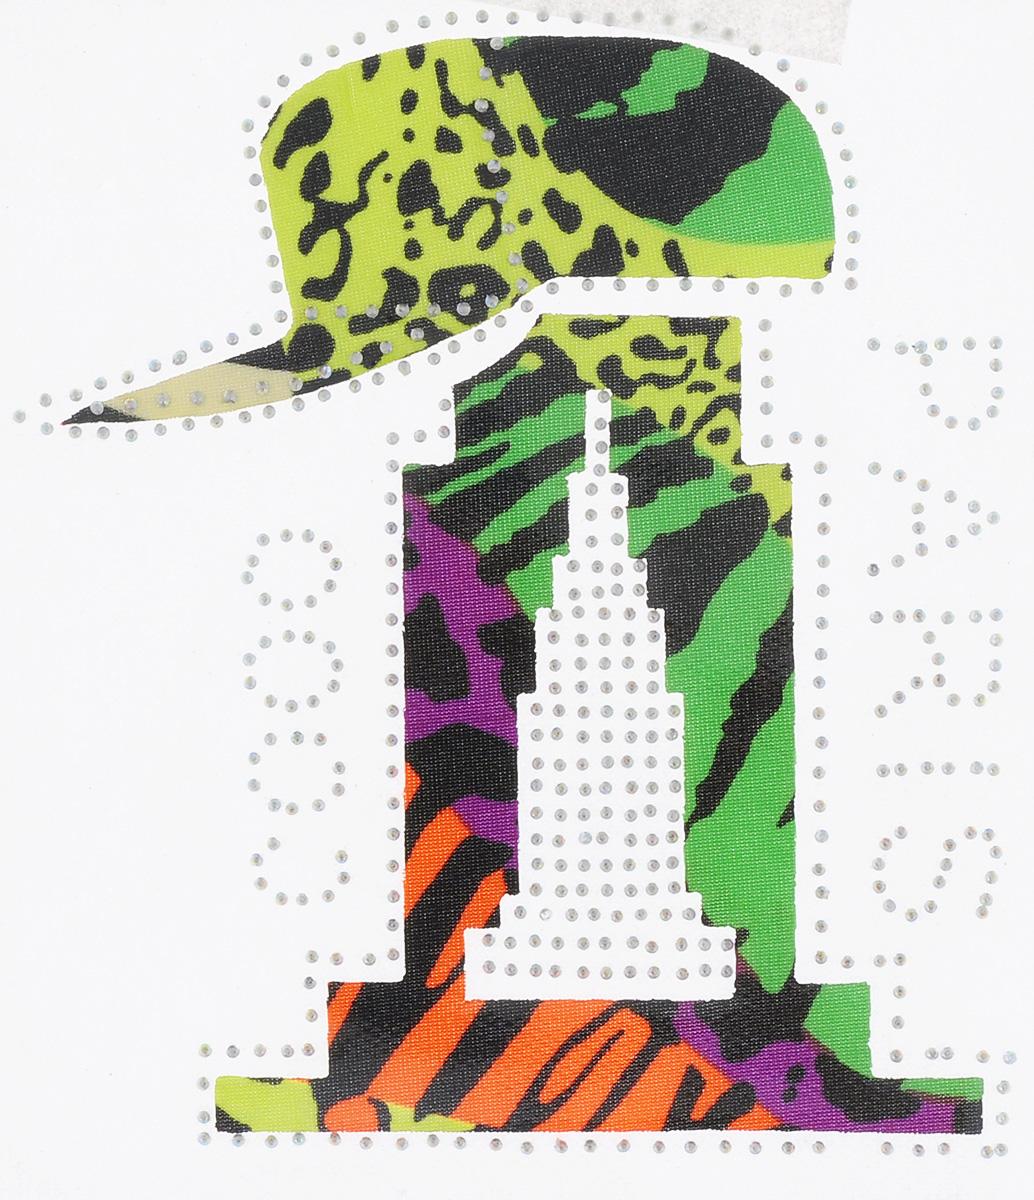 Термоаппликация Hobby&Pro Paris, цвет: зеленый, оранжевый, желтый, 16 х 14 см7713571_5 разноцветныйКлеевая термоаппликация Hobby&Pro Paris изготовлена из текстиля. Изделие оформлено сверкающими стразами. Термоаппликация с обратной стороны оснащена клеевым слоем, благодаря которому при помощи утюга вы сможете быстро и легко закрепить изделие на ткани. С такой термоаппликацией любая вещь станет особенной.